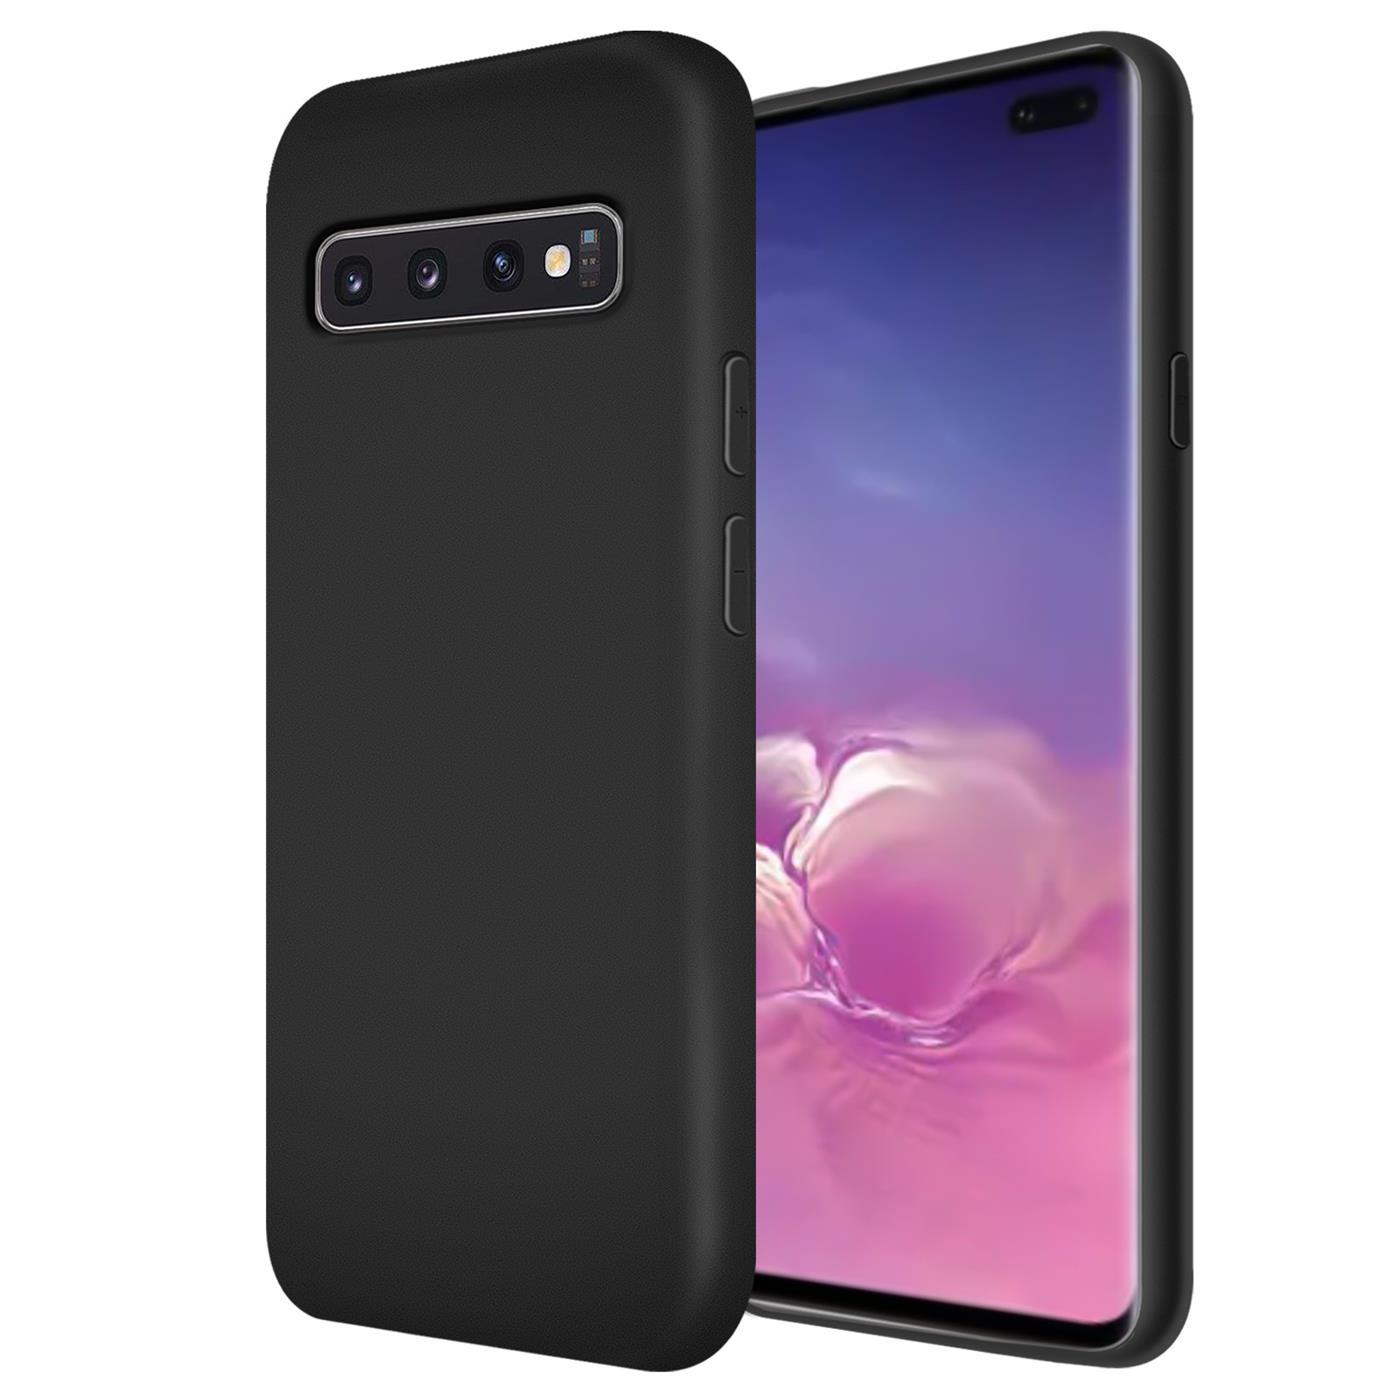 Huelle-Samsung-Galaxy-S10-Handy-Schutz-Cover-Silikon-Gel-Case-Handyhuelle-Tasche Indexbild 21